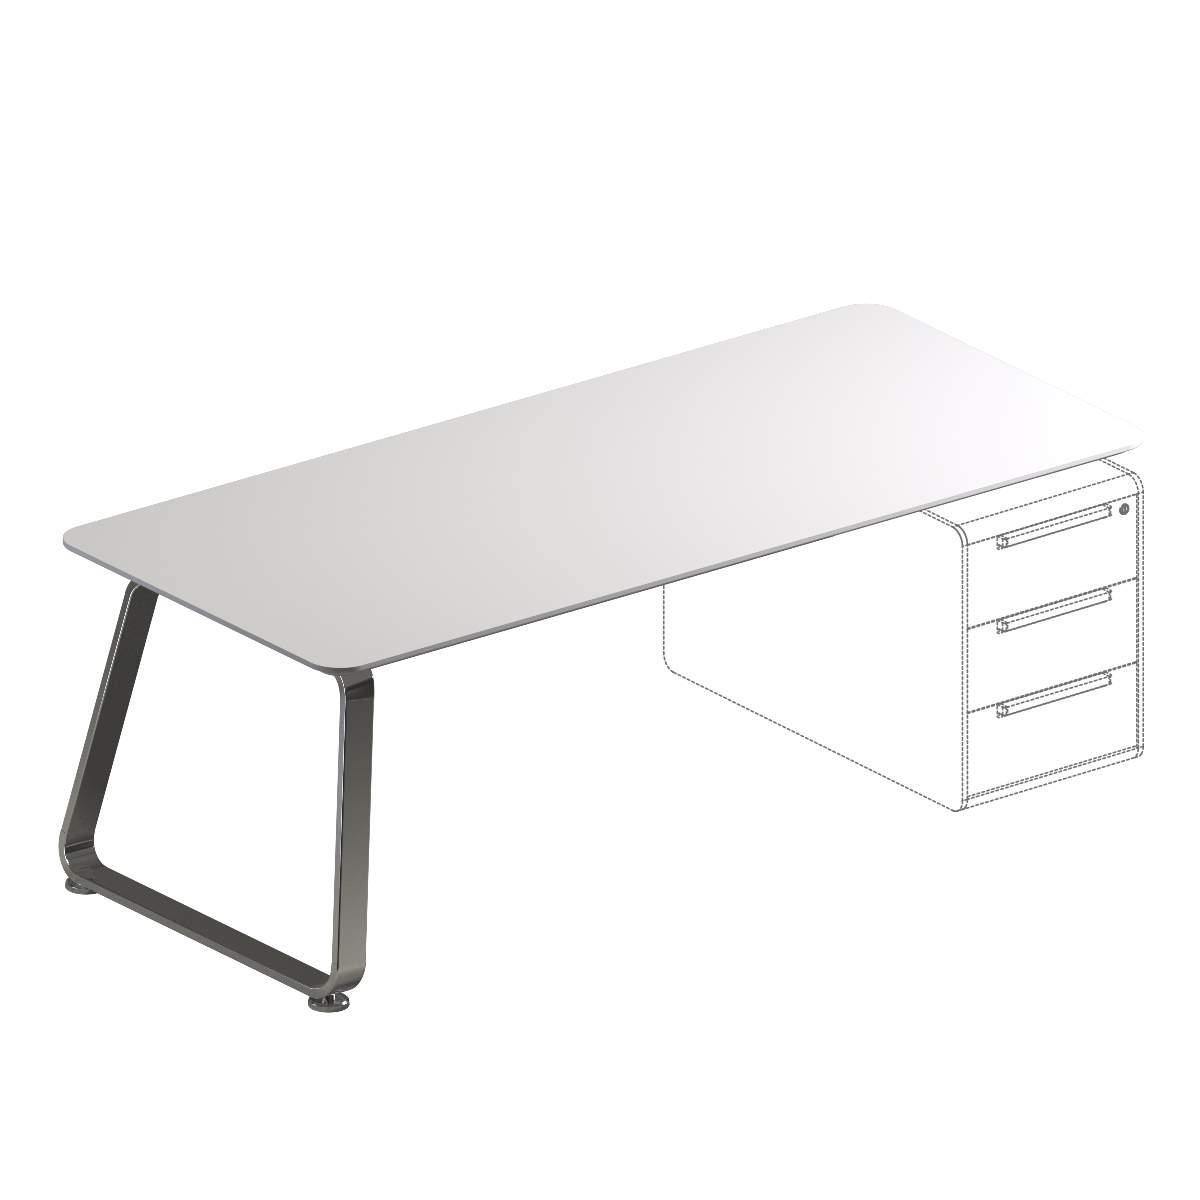 Прямоугольный стол (ст. столешница) на 1 опоре 1980x900x720